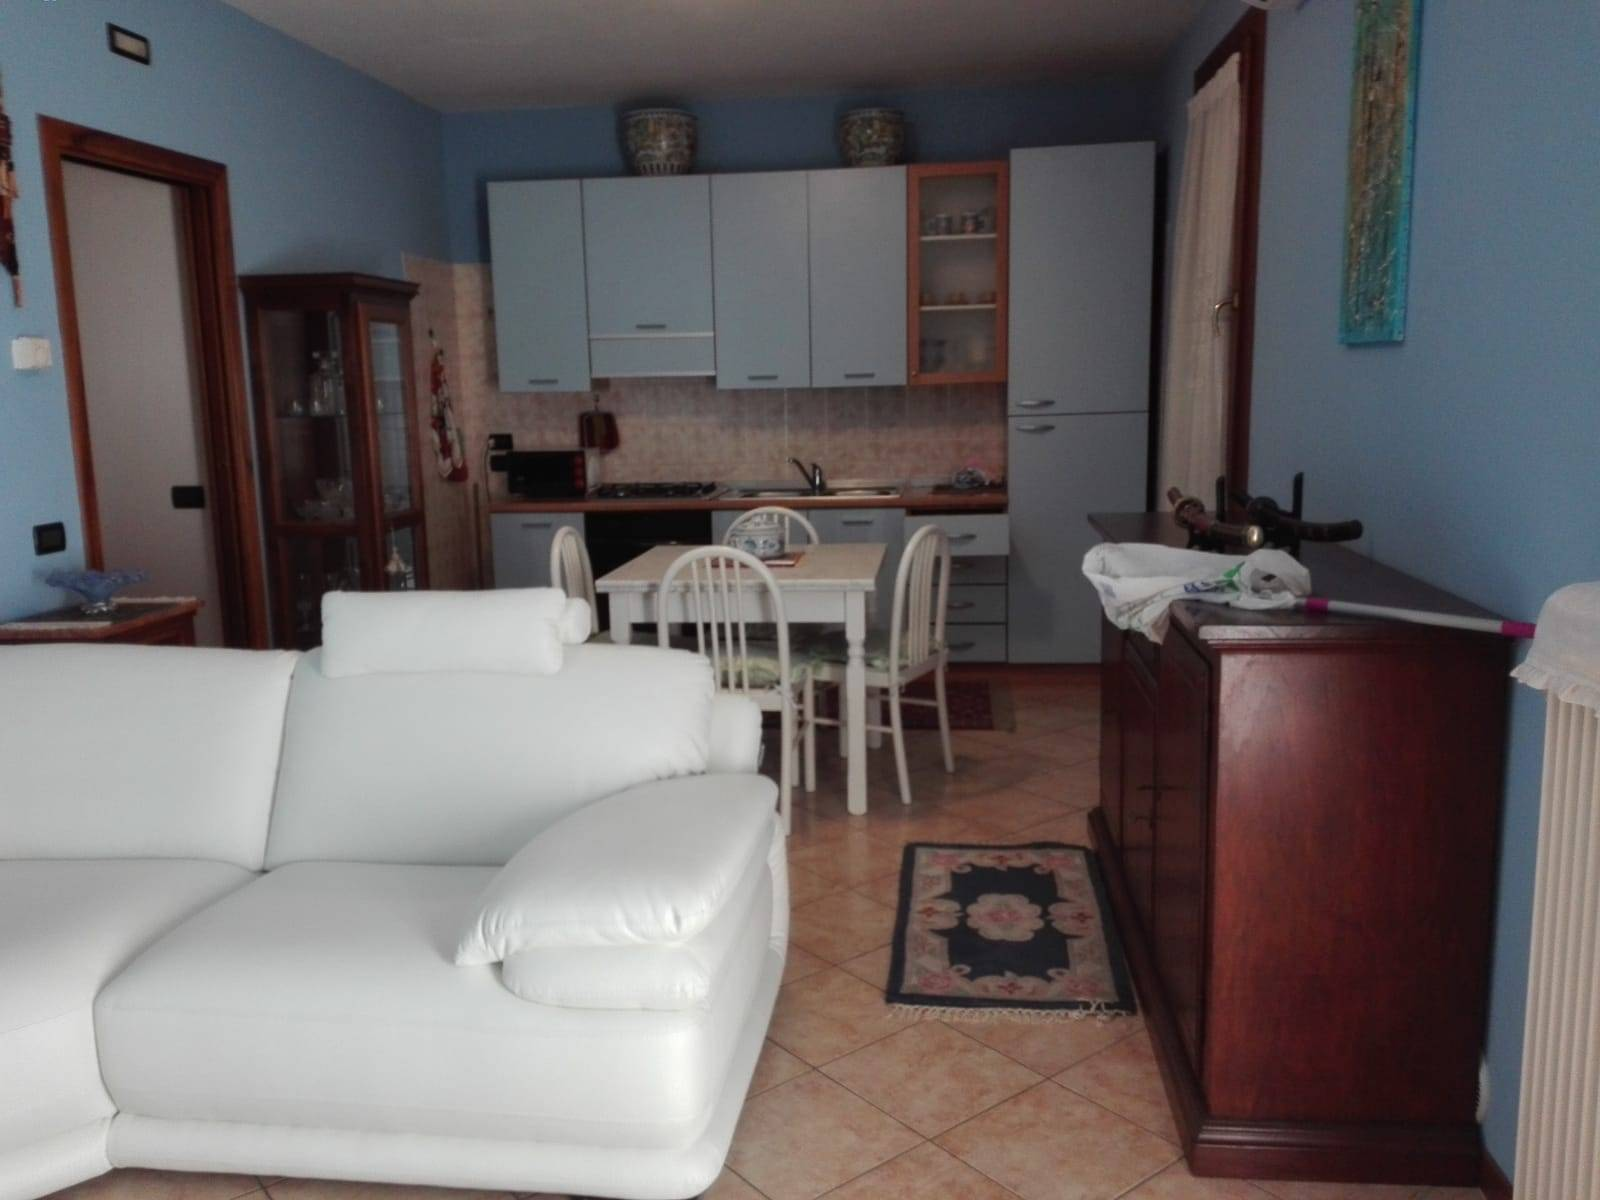 Appartamento in vendita a Quinto di Treviso, 4 locali, zona Località: S.aCristina, prezzo € 130.000   PortaleAgenzieImmobiliari.it